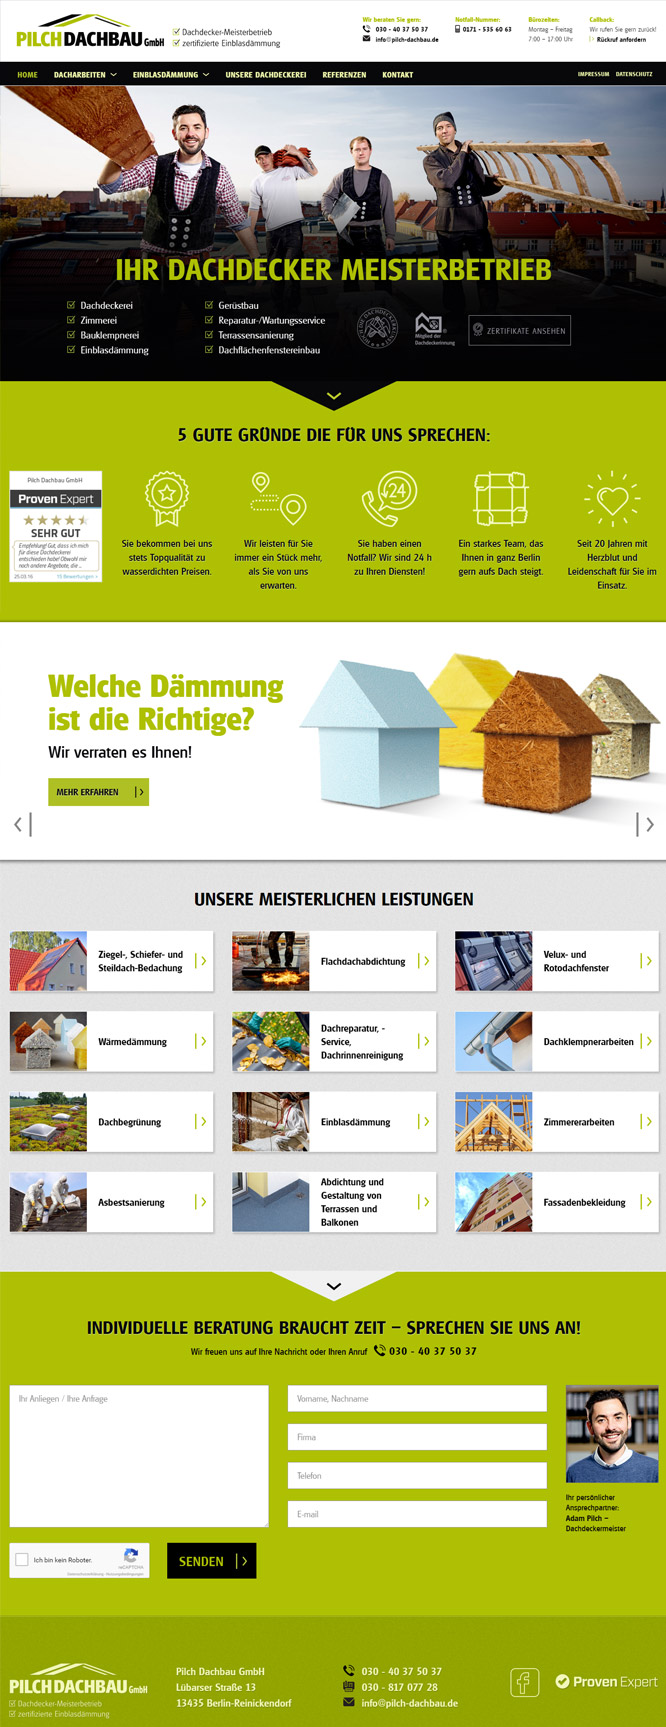 Webdesign Berlin - Portfolio. Moderne responsive Internetseite für einen Dachdecker aus Berlin.